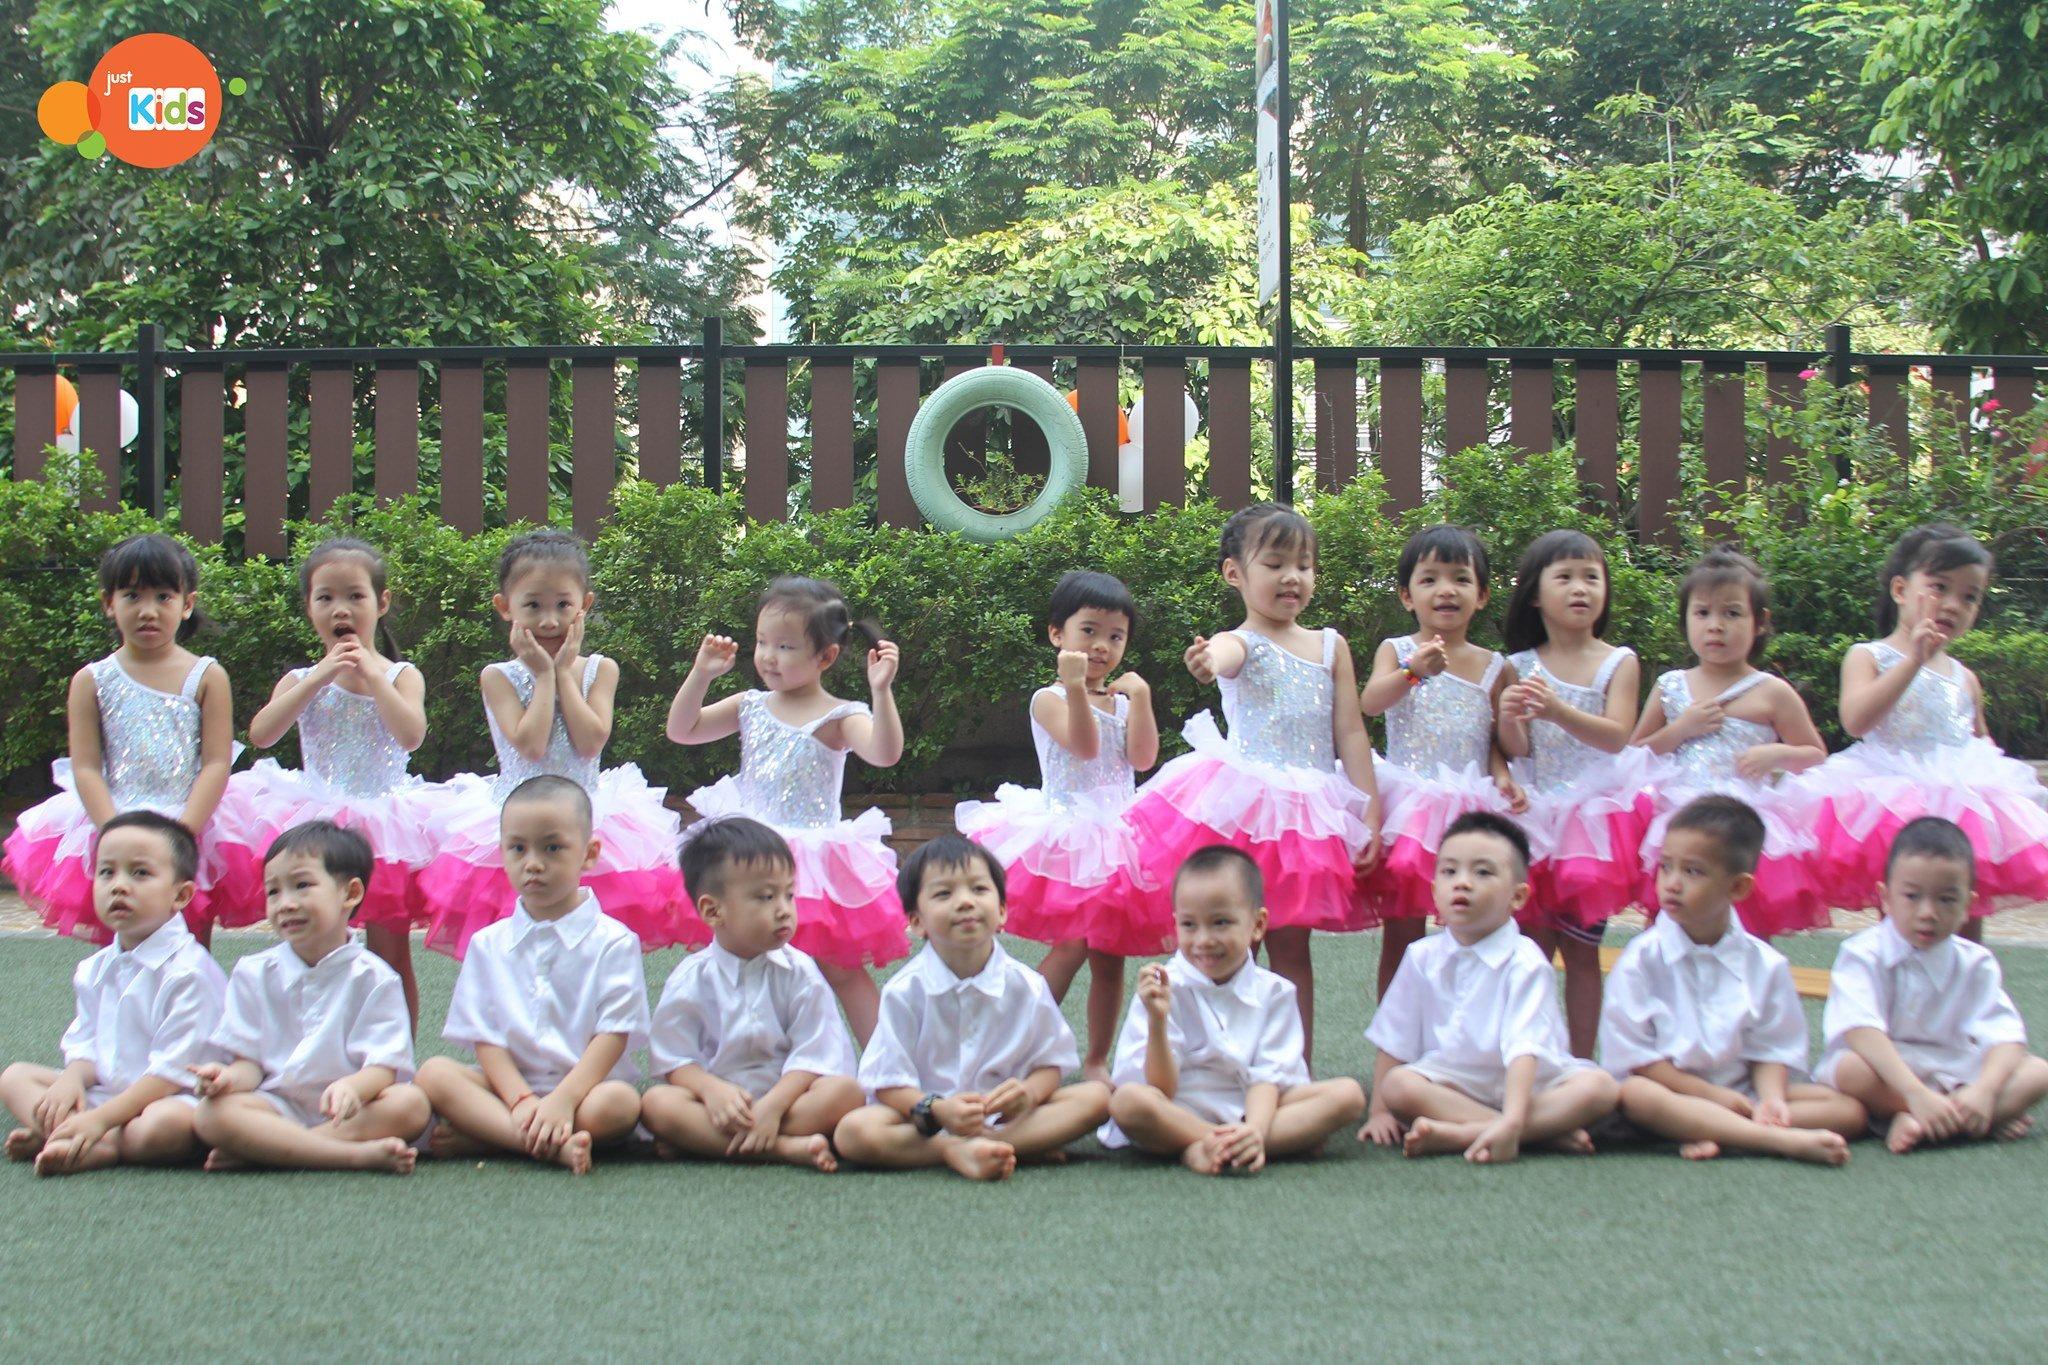 Trường mầm non Just Kids Mandarin Garden - Hoàng Minh Giám, Trung Hòa